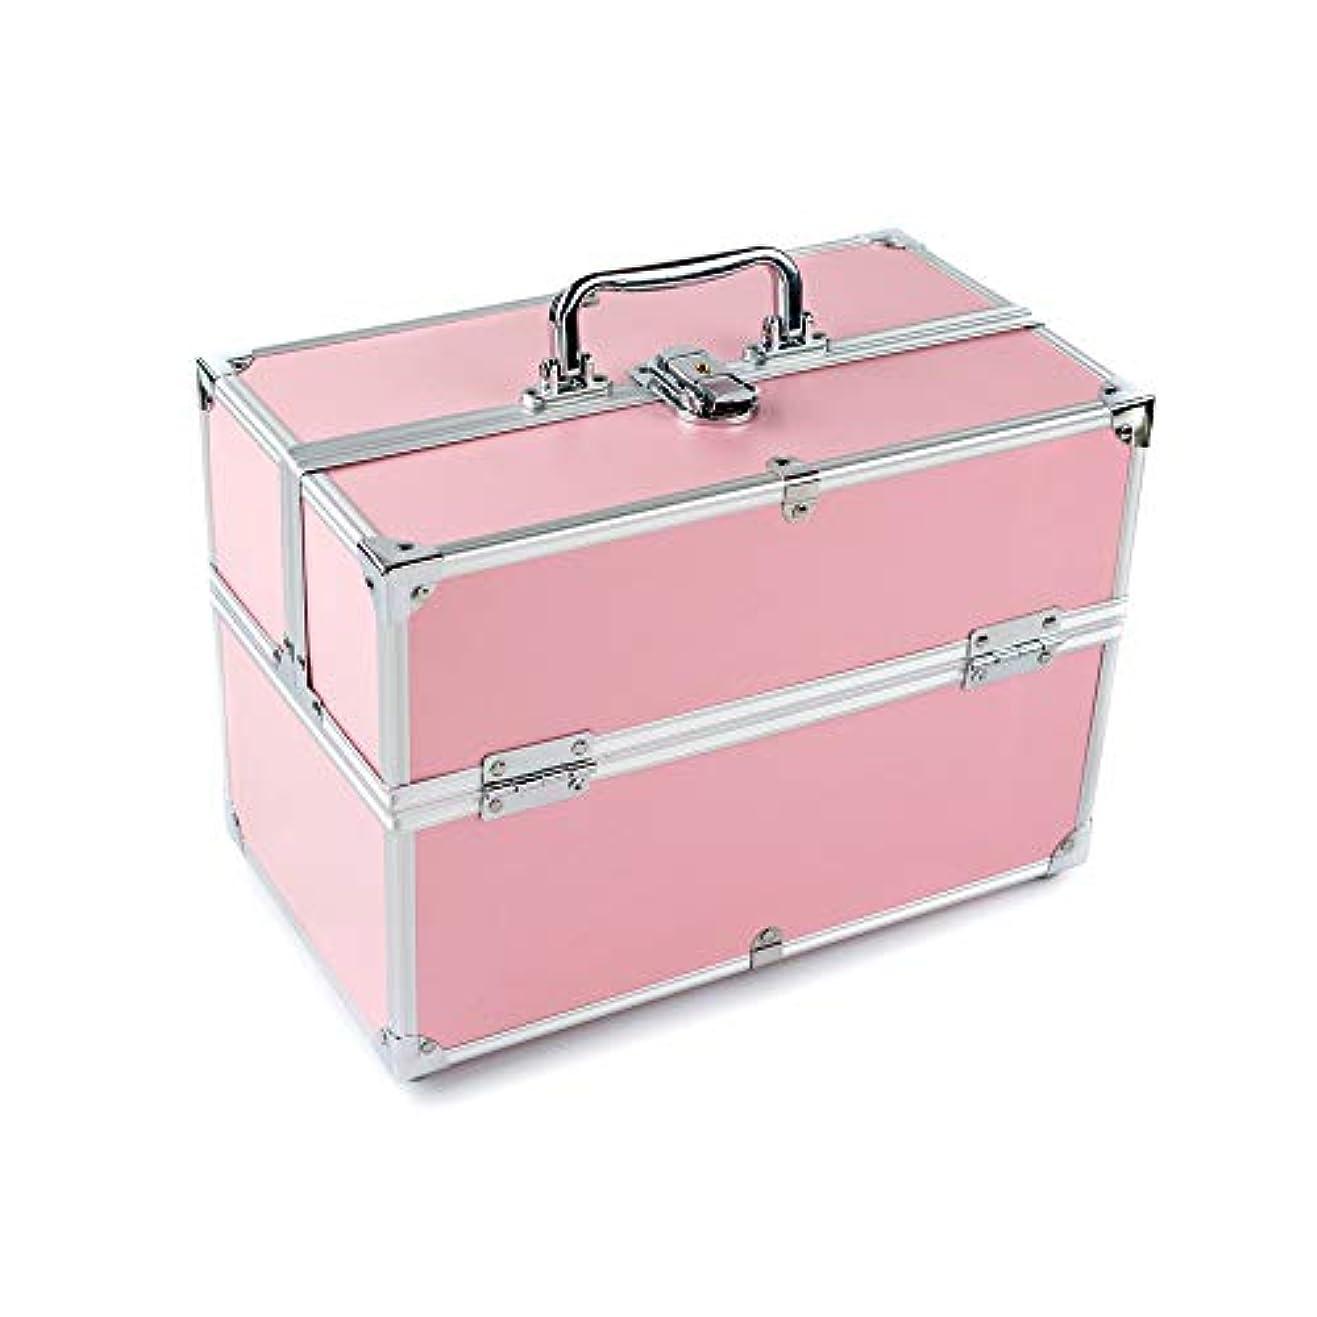 申し立て喉が渇いた地中海特大スペース収納ビューティーボックス 美の構造のためそしてジッパーおよび折る皿が付いている女の子の女性旅行そして毎日の貯蔵のための高容量の携帯用化粧品袋 化粧品化粧台 (色 : ピンク)